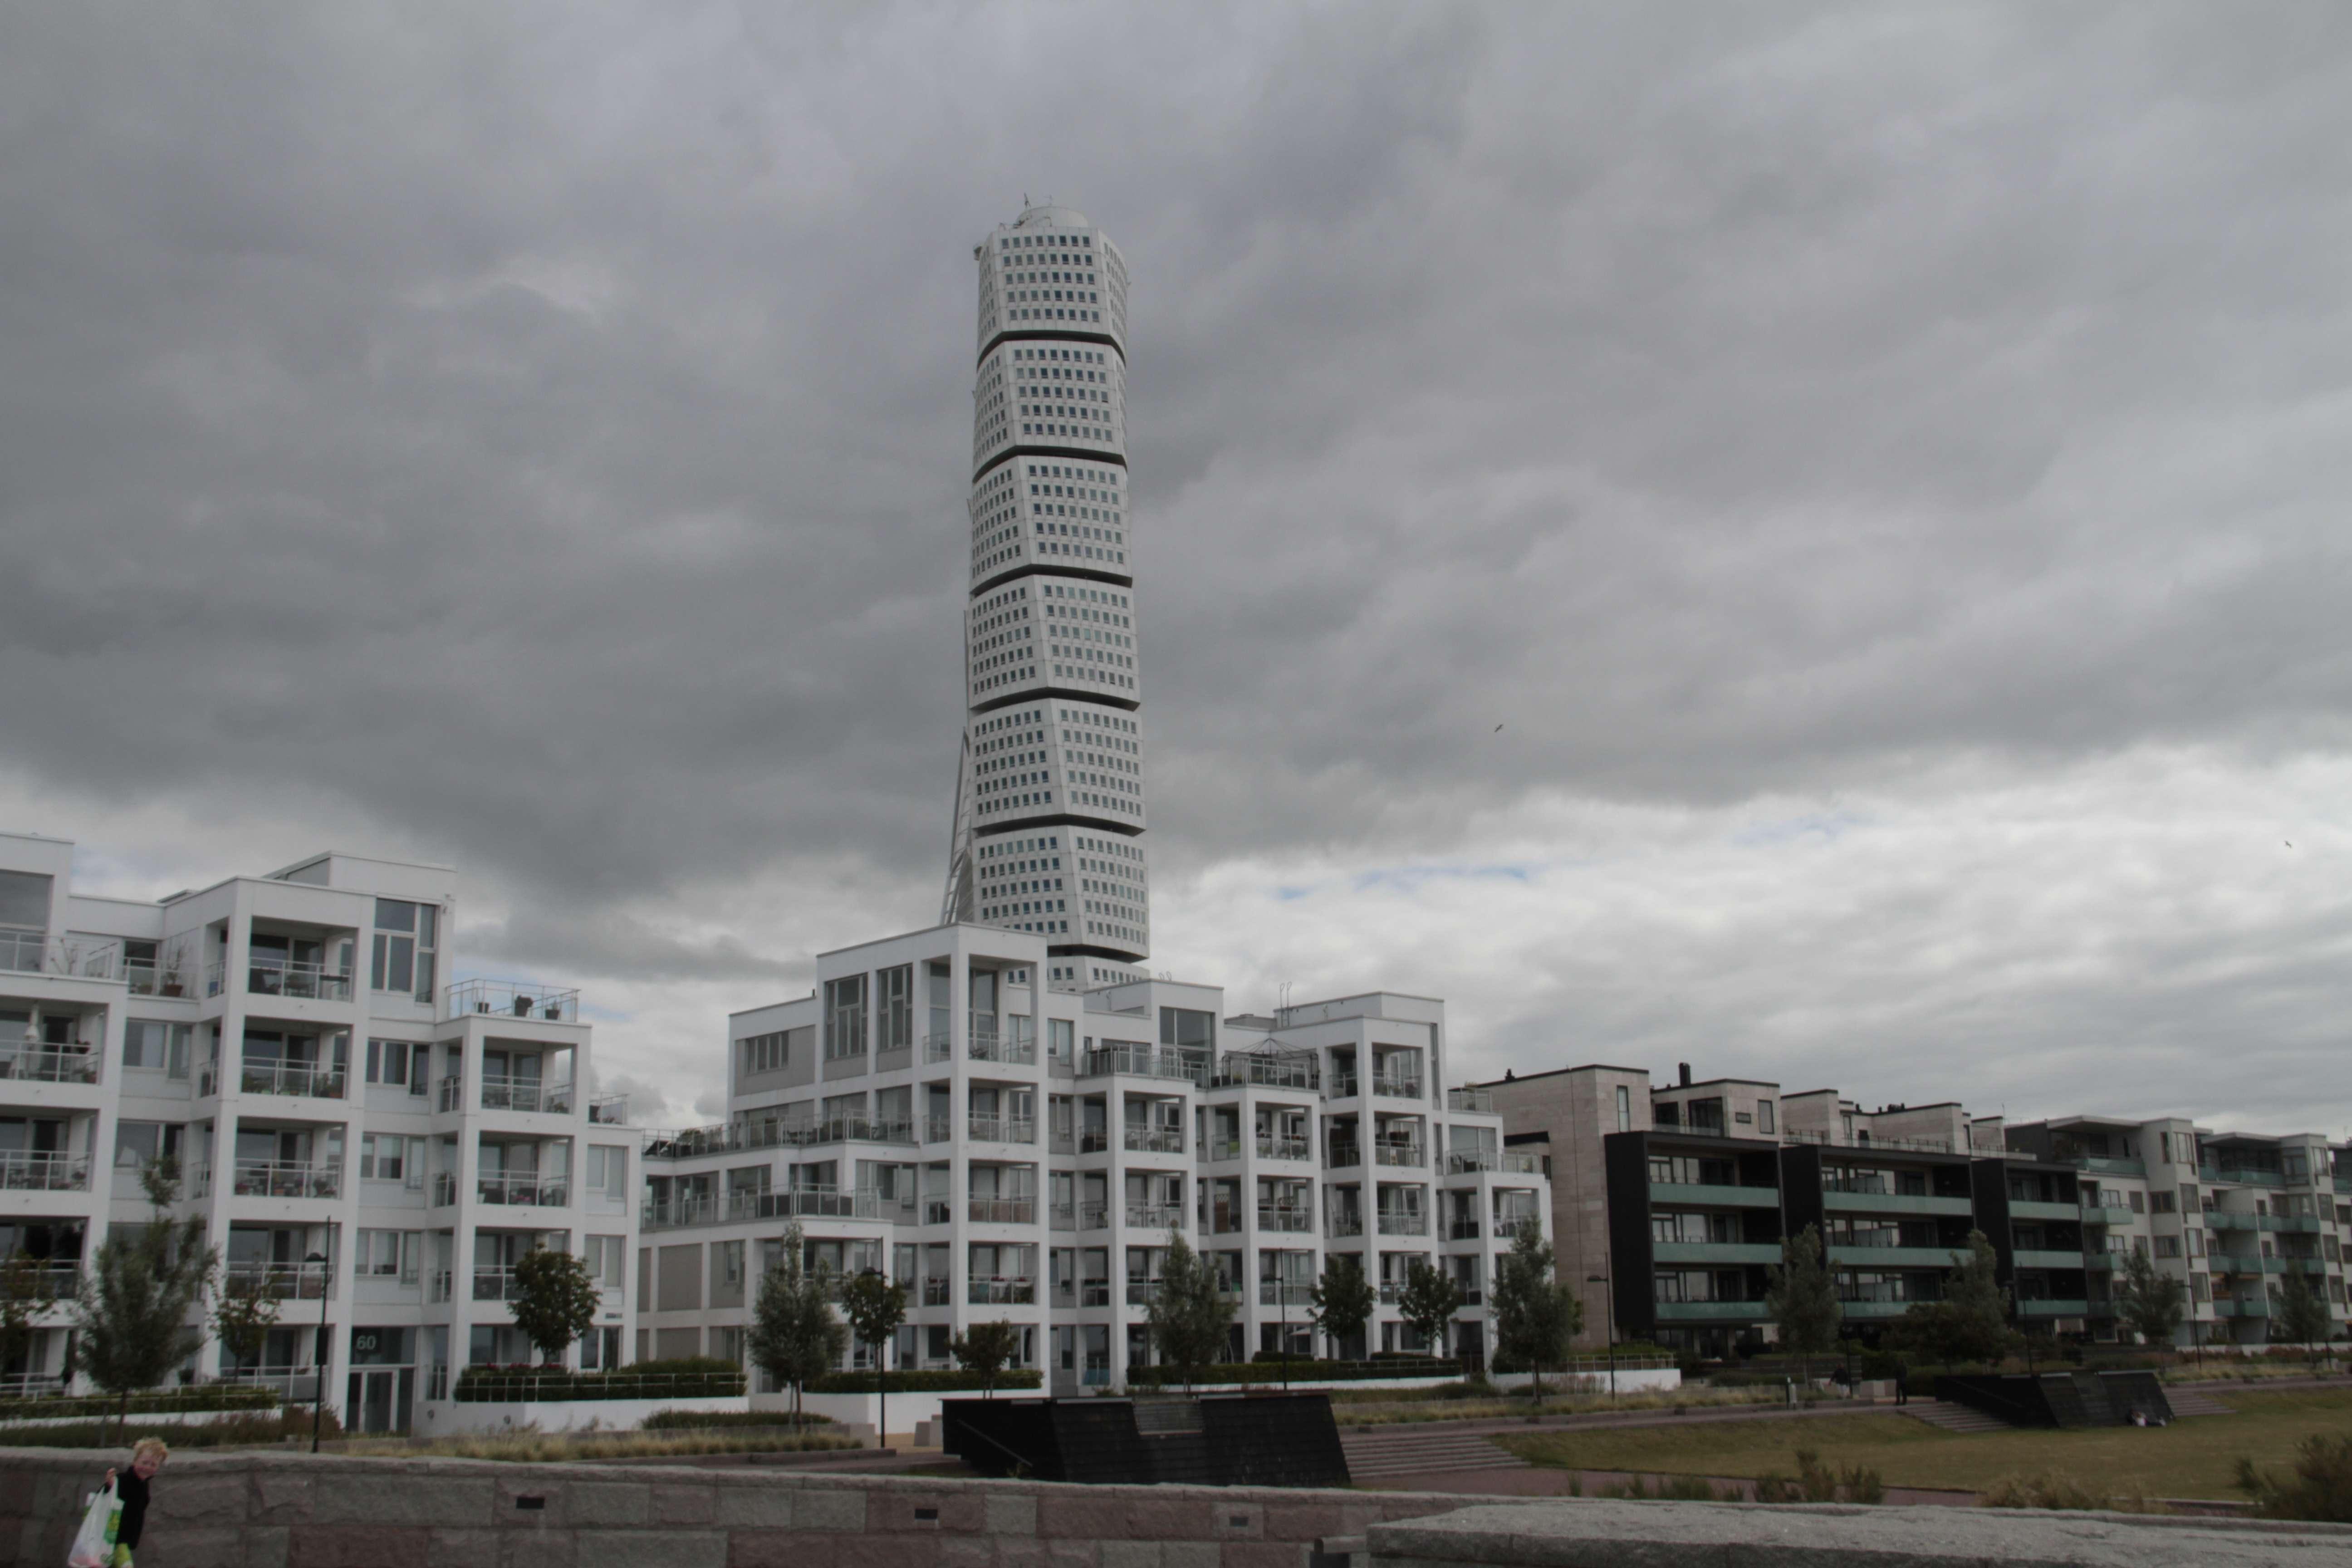 Suede_0538 Malmo Vastra Hamnen etTurning Torso